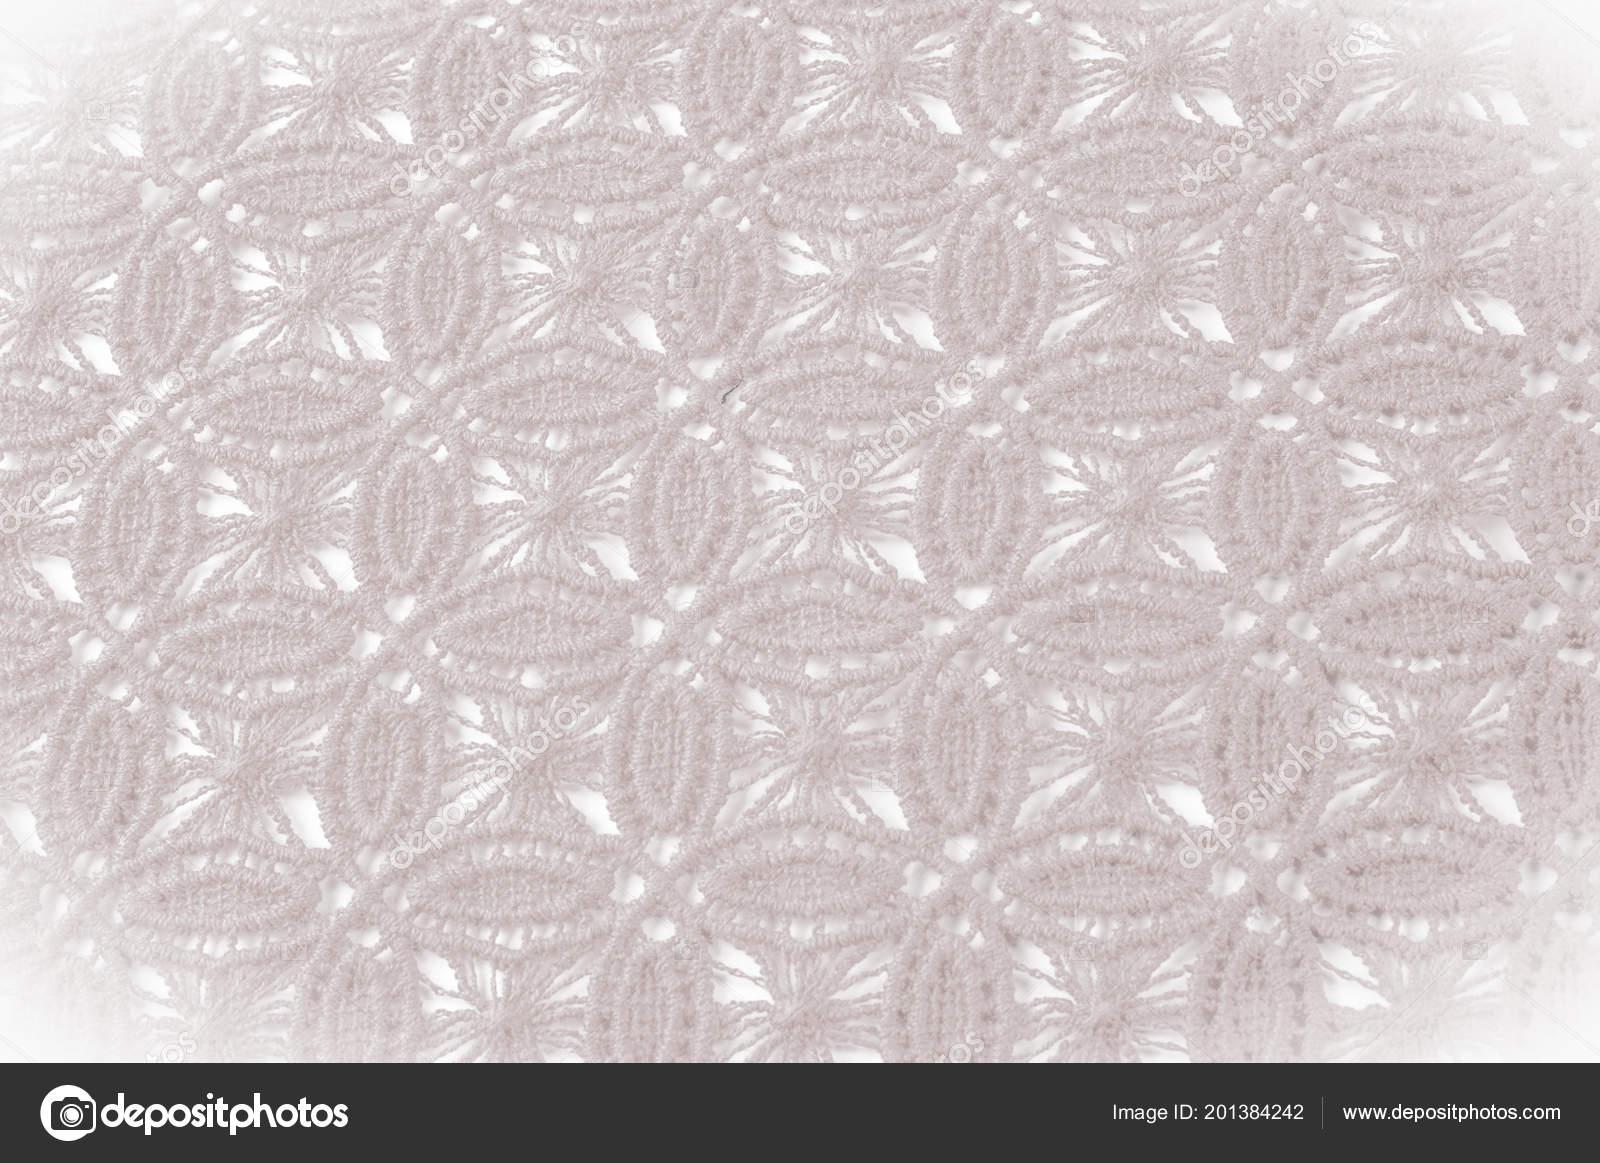 Hintergrundbild Textur Zierspitze Mit Muster Weisse Textur Der Spitze